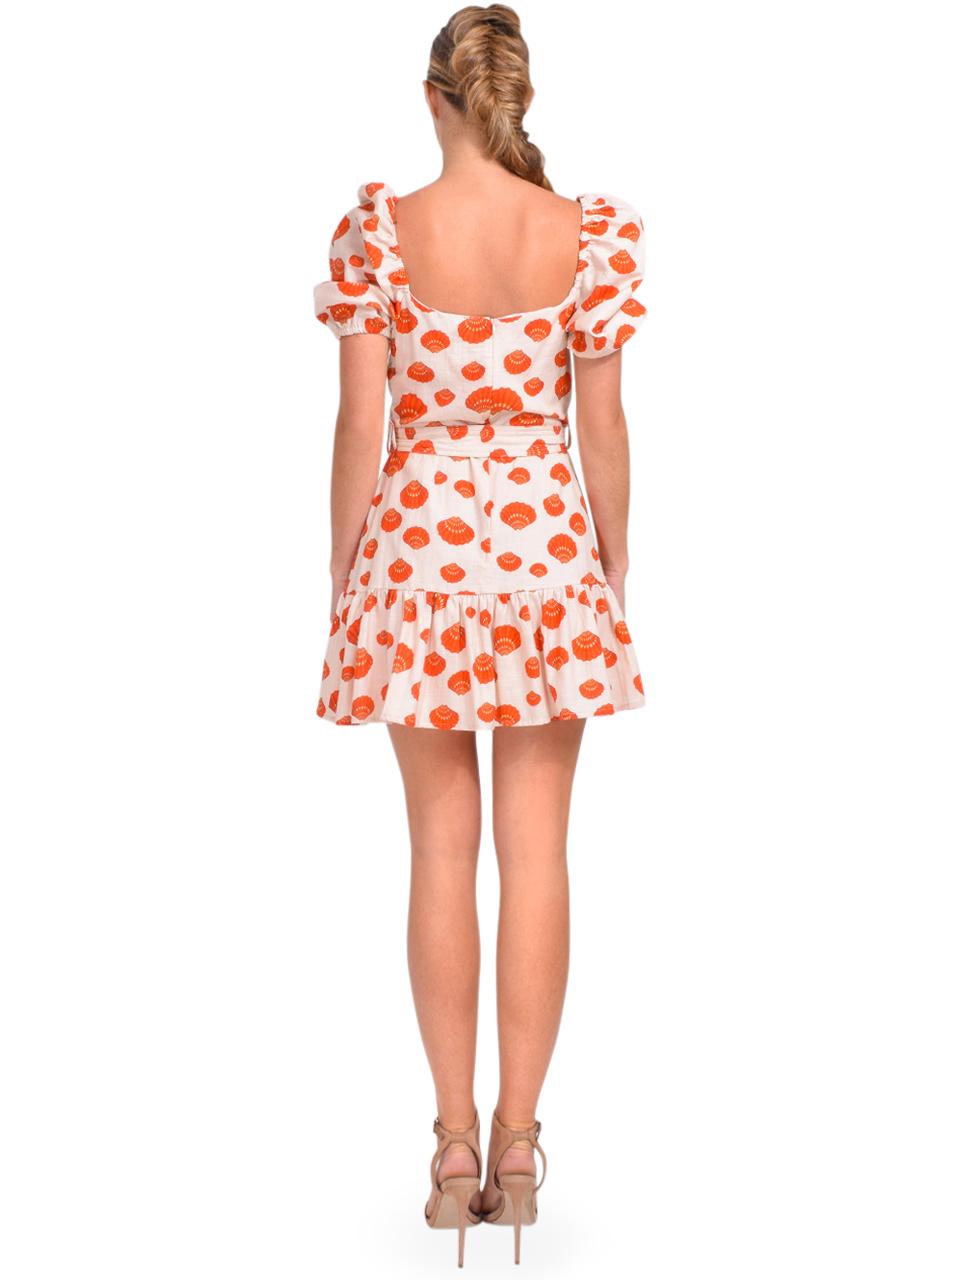 Karina Grimaldi Juliet Print Mini Dress in Tangerine Shells Back View